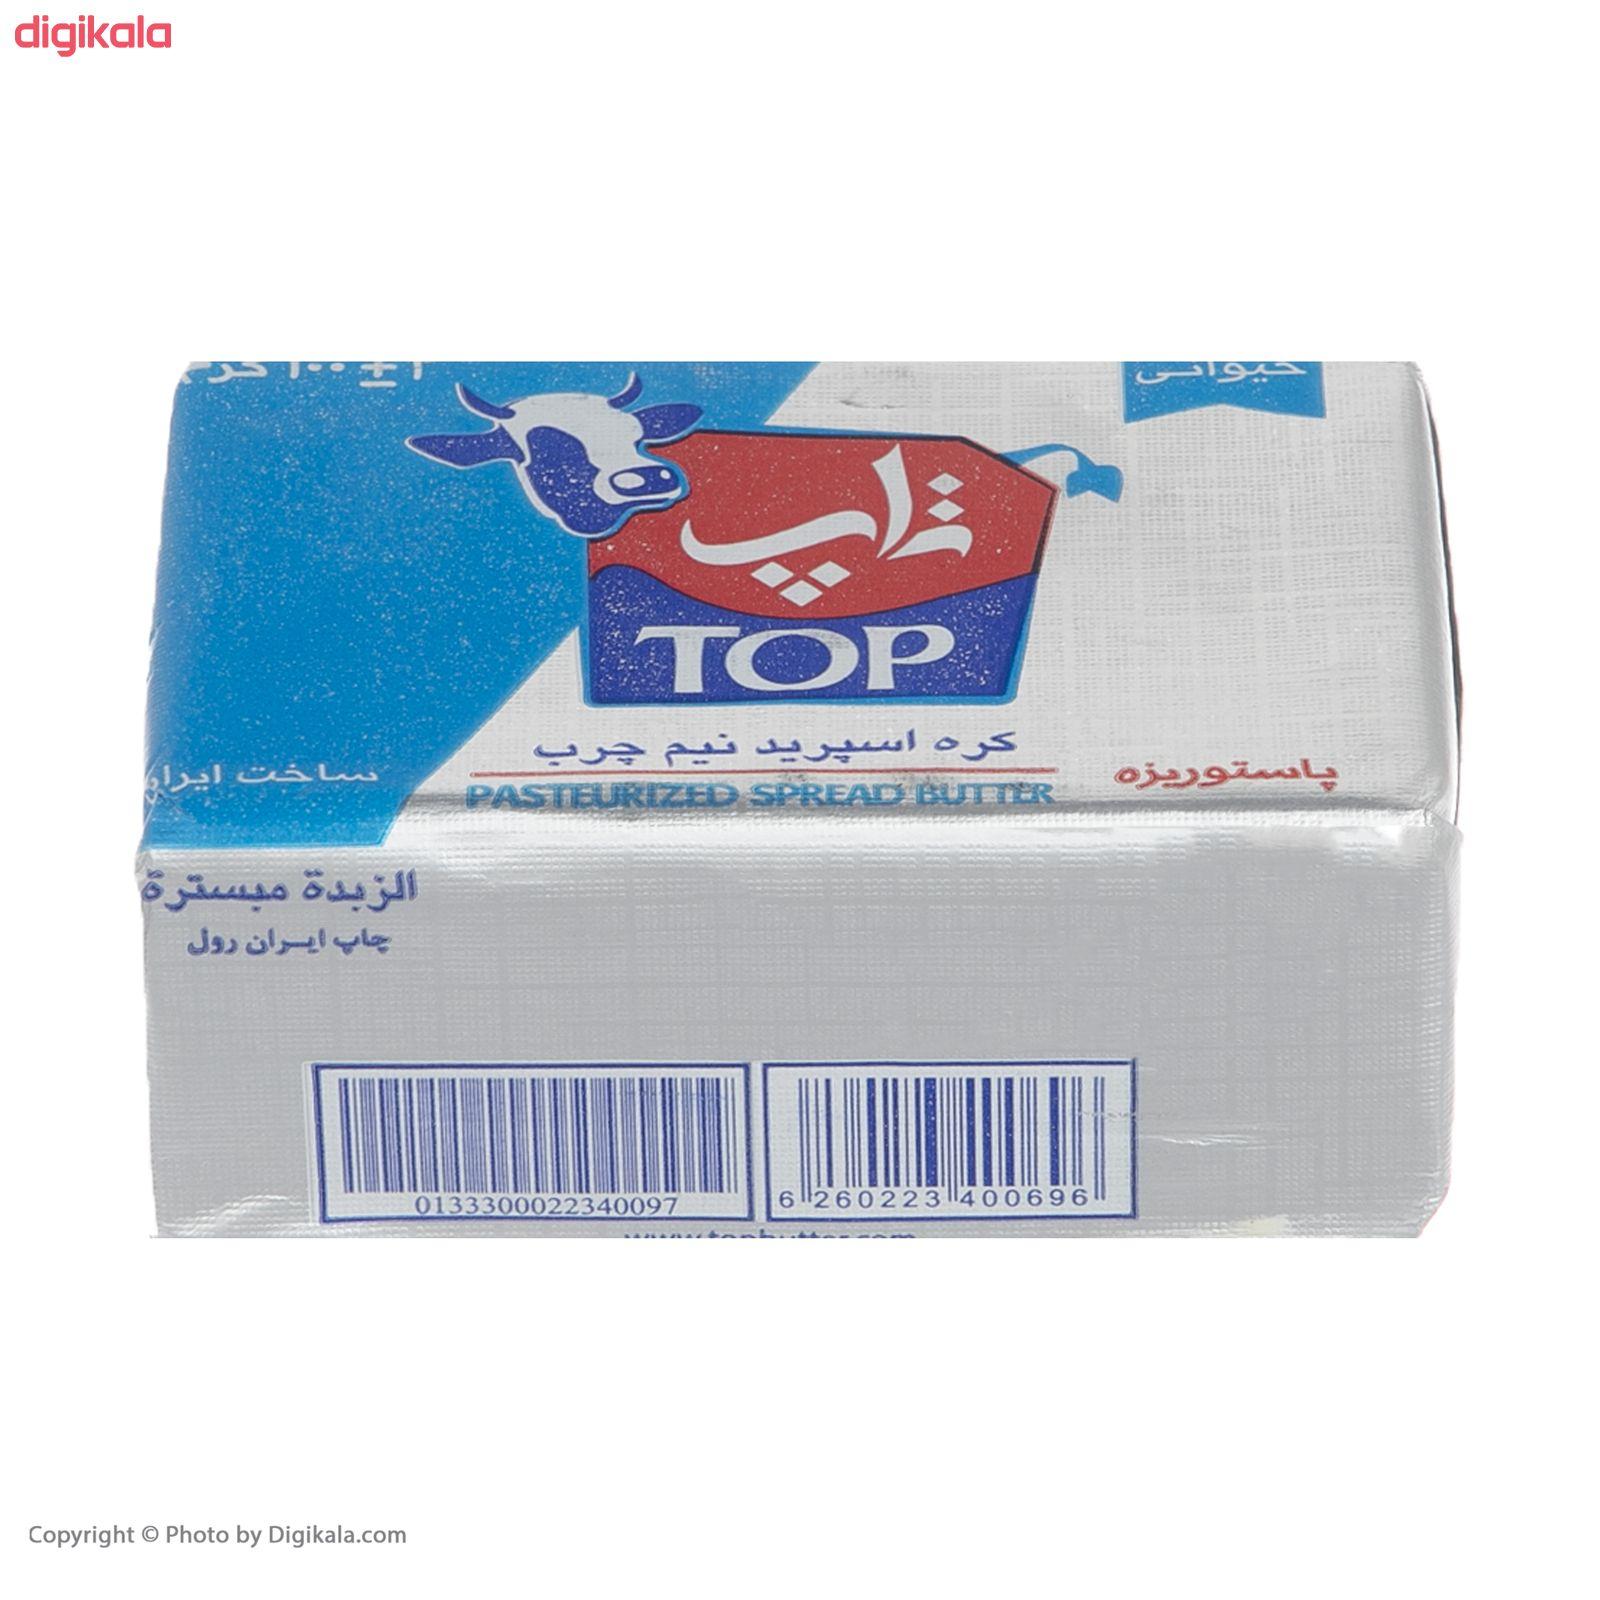 کره اسپرید تاپ - 100 گرم  main 1 3